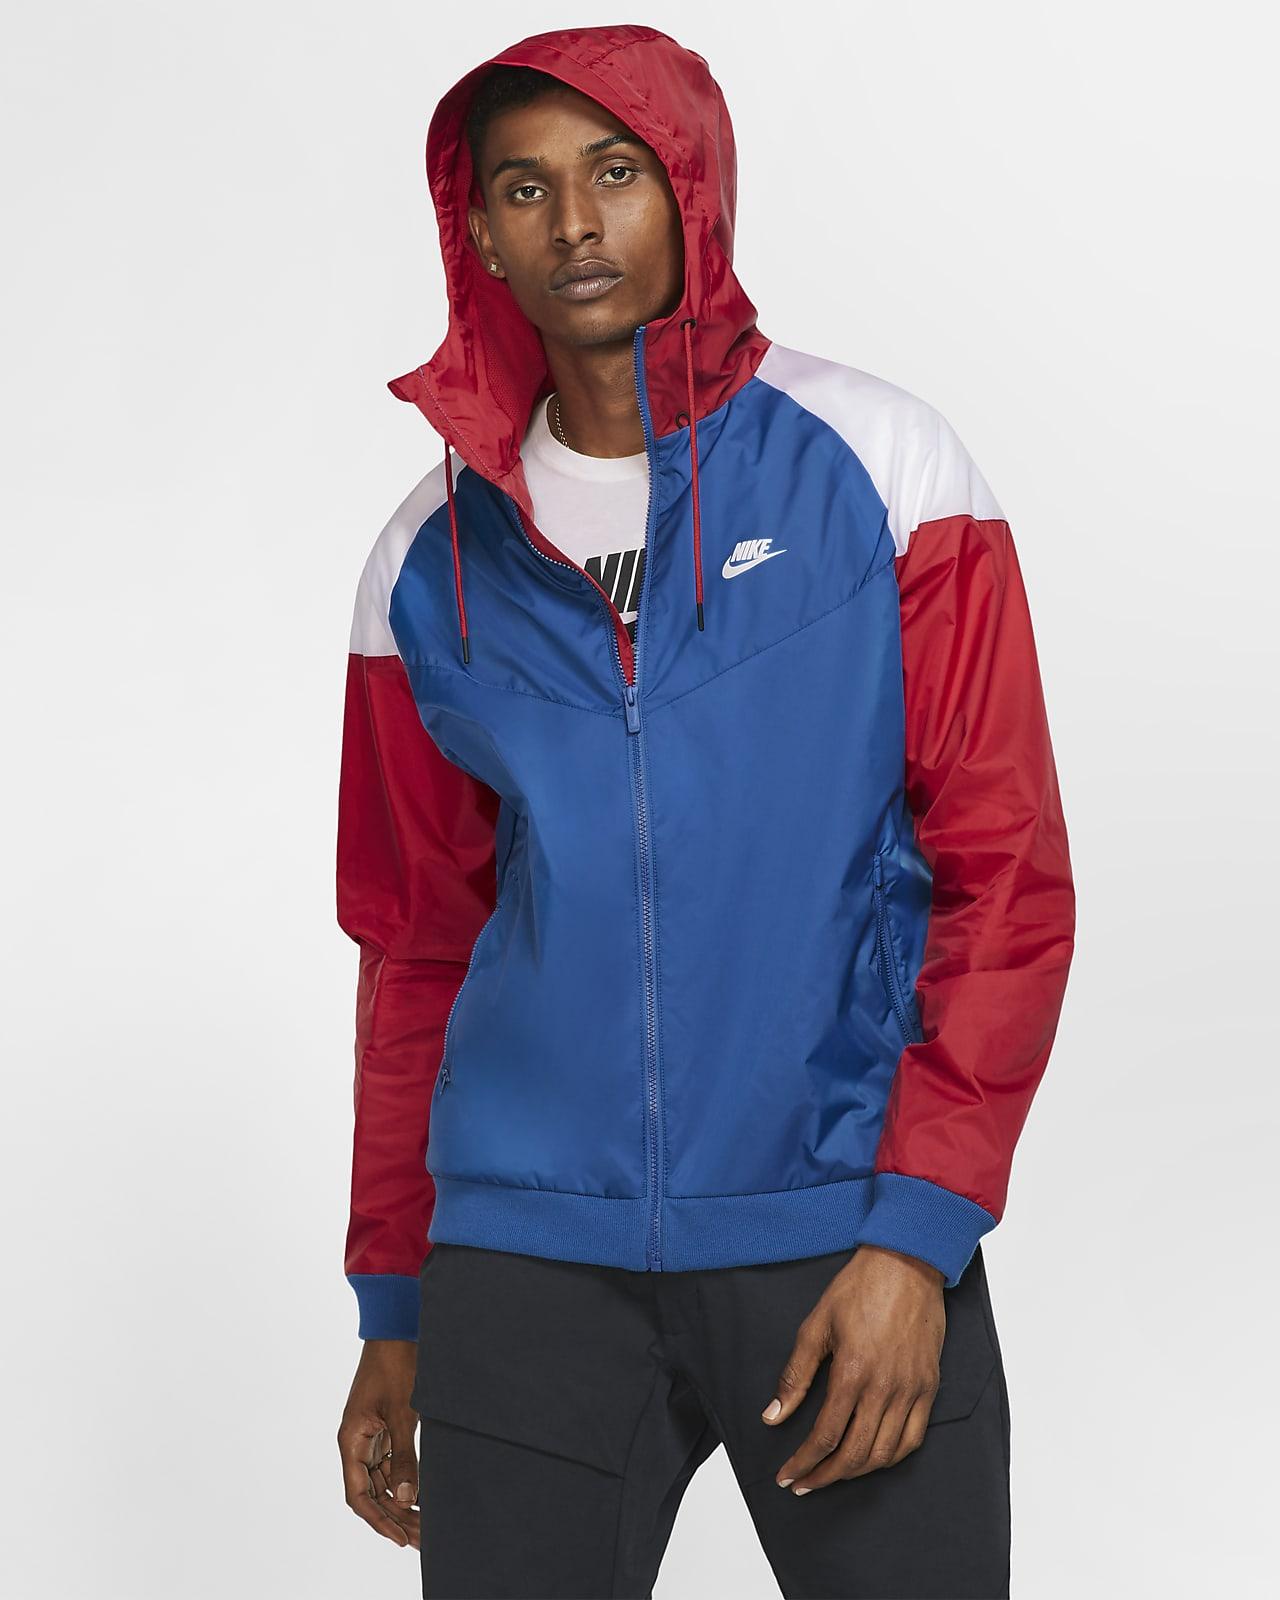 Nike Sportswear Windrunner Men's Jacket